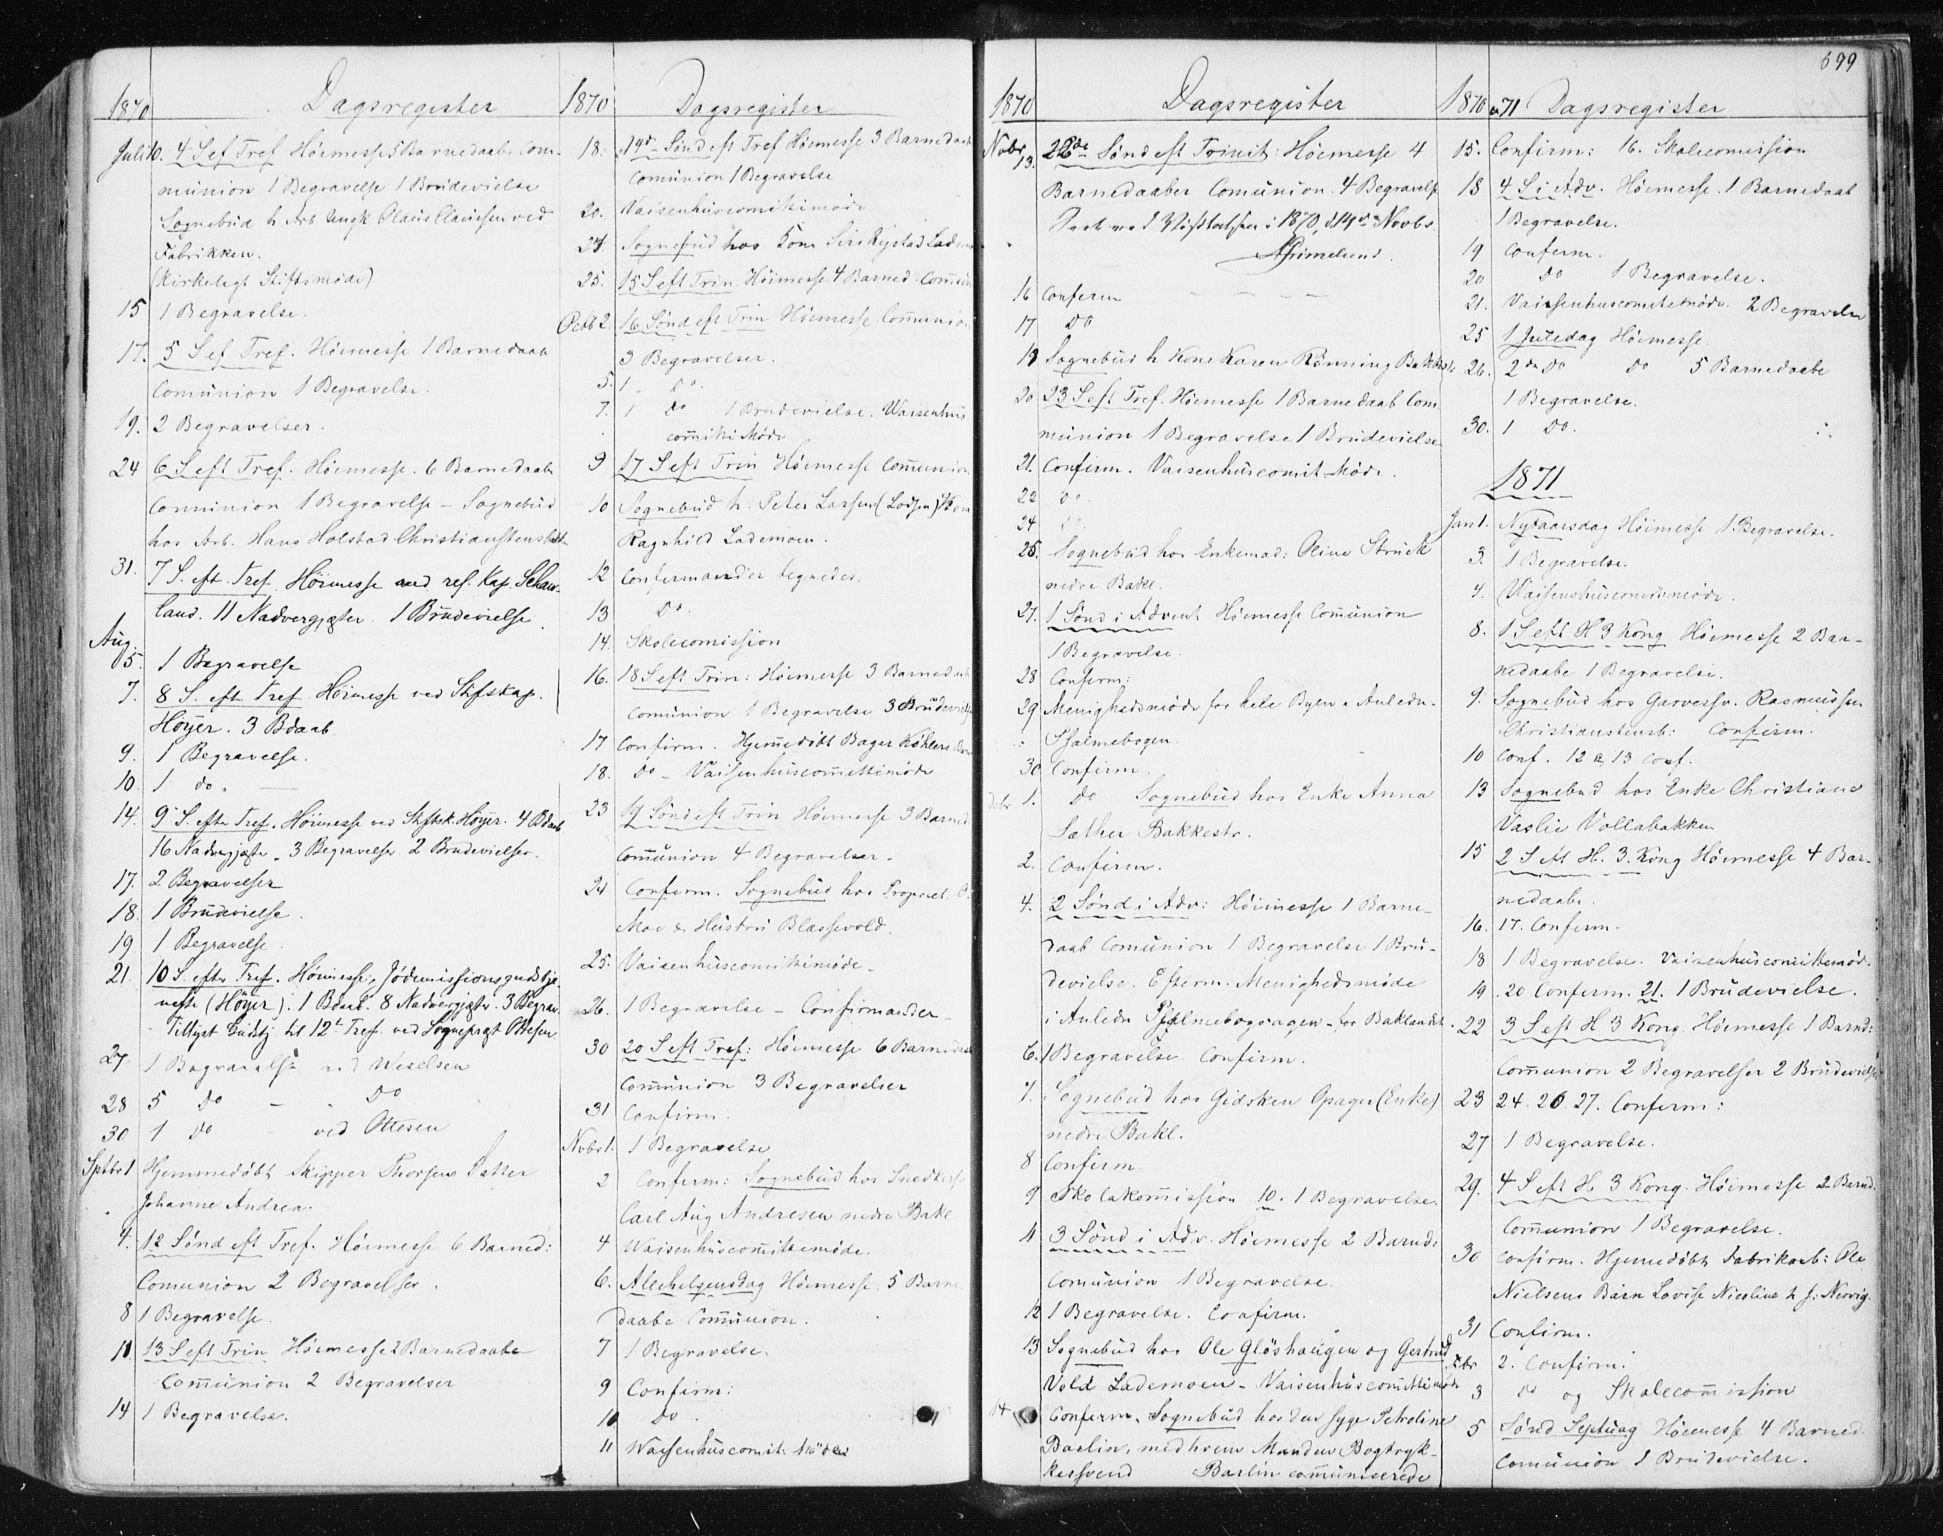 SAT, Ministerialprotokoller, klokkerbøker og fødselsregistre - Sør-Trøndelag, 604/L0186: Ministerialbok nr. 604A07, 1866-1877, s. 699